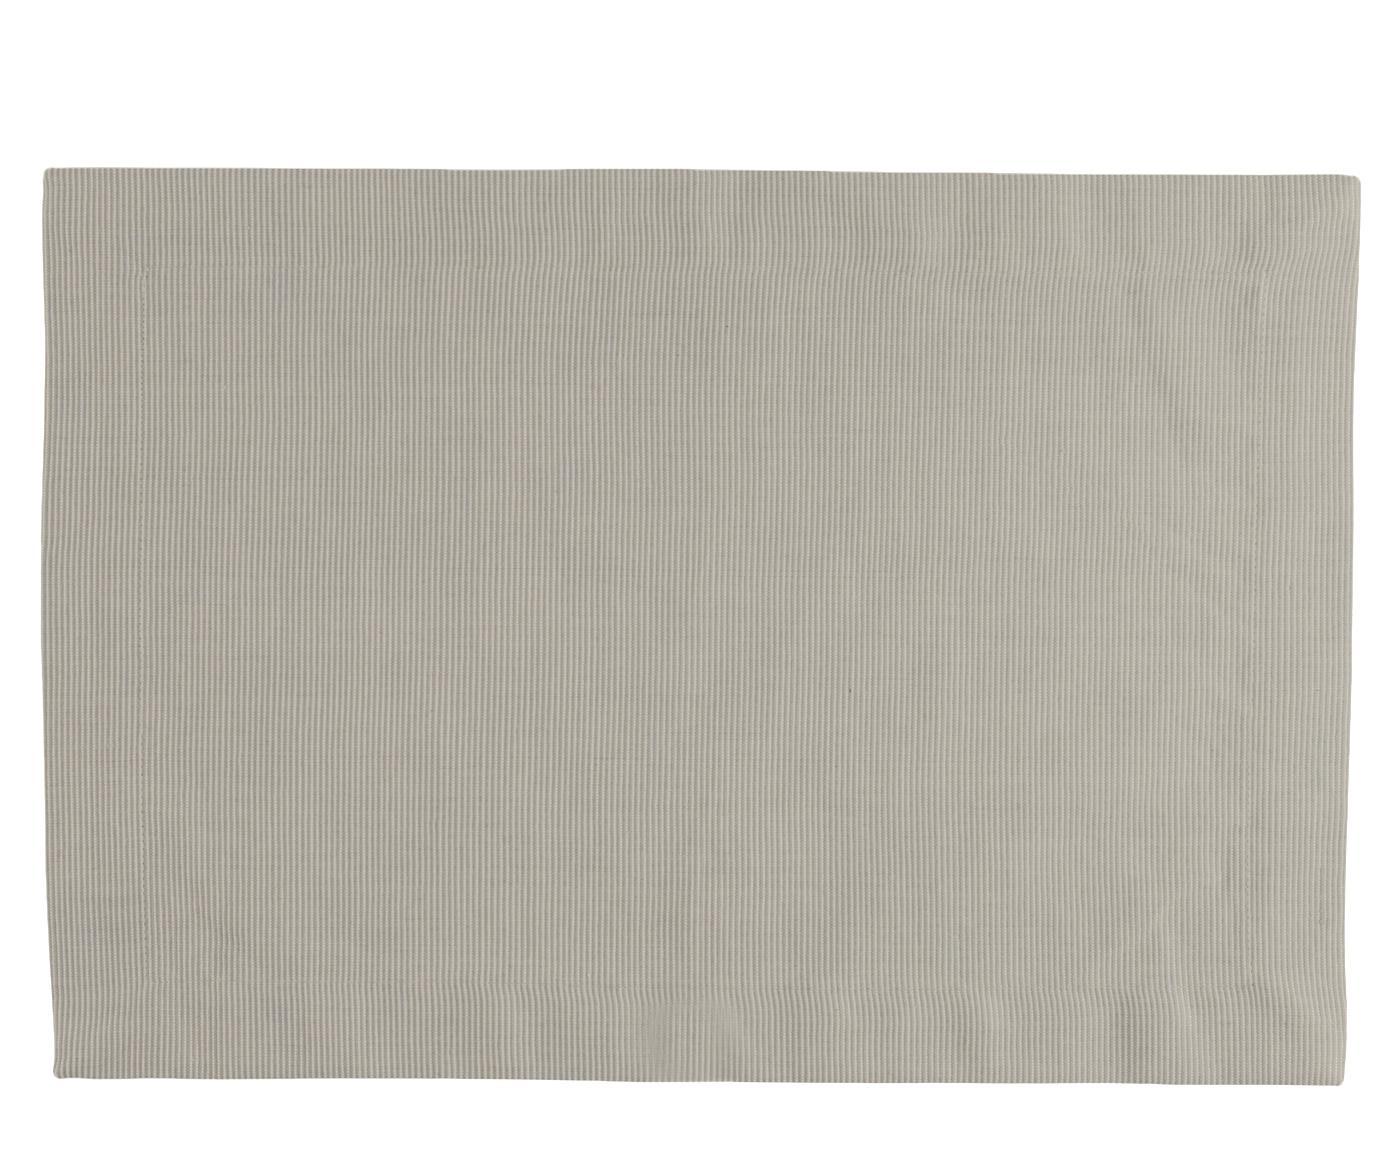 Tovaglietta americana Bombay 6 pz, Cotone, Grigio verde, Larg. 35 x Lung. 50 cm